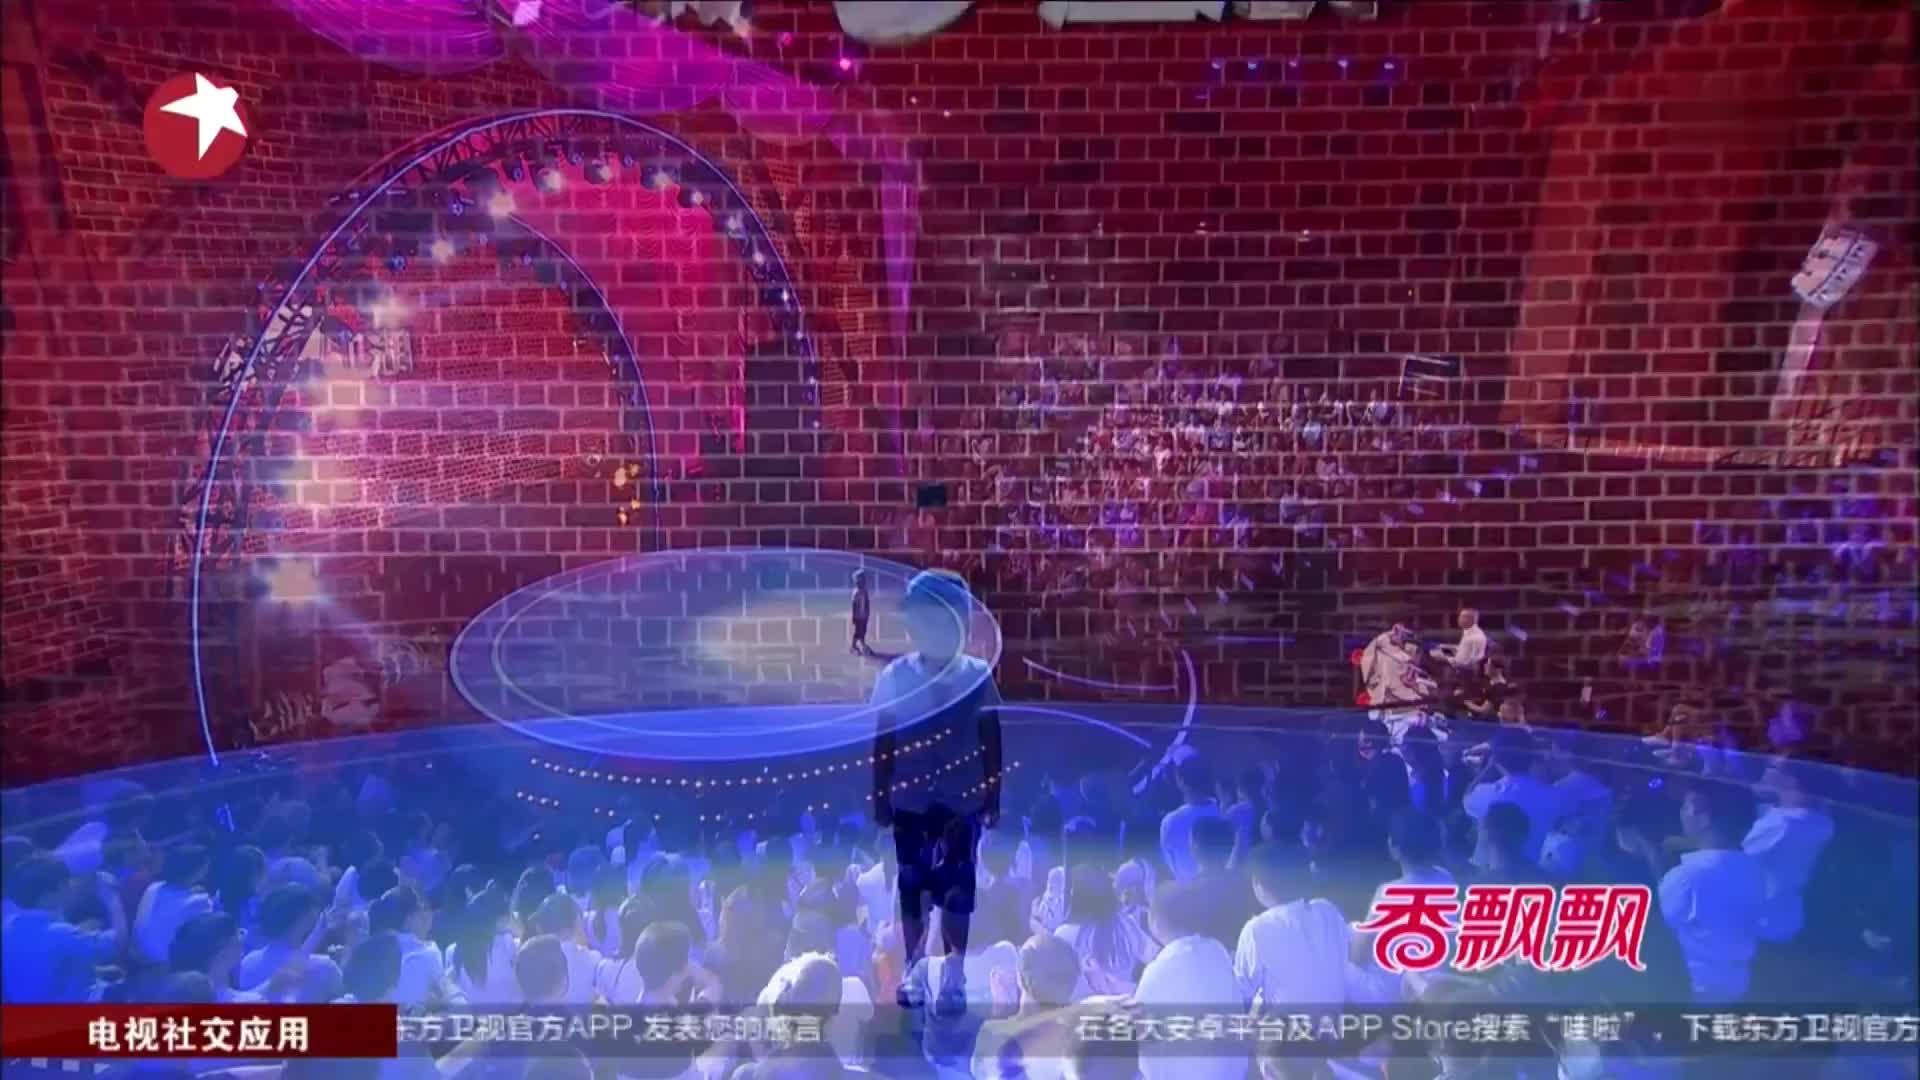 笑傲江湖:五岁小豆丁来到笑傲江湖,宝贝太萌啦